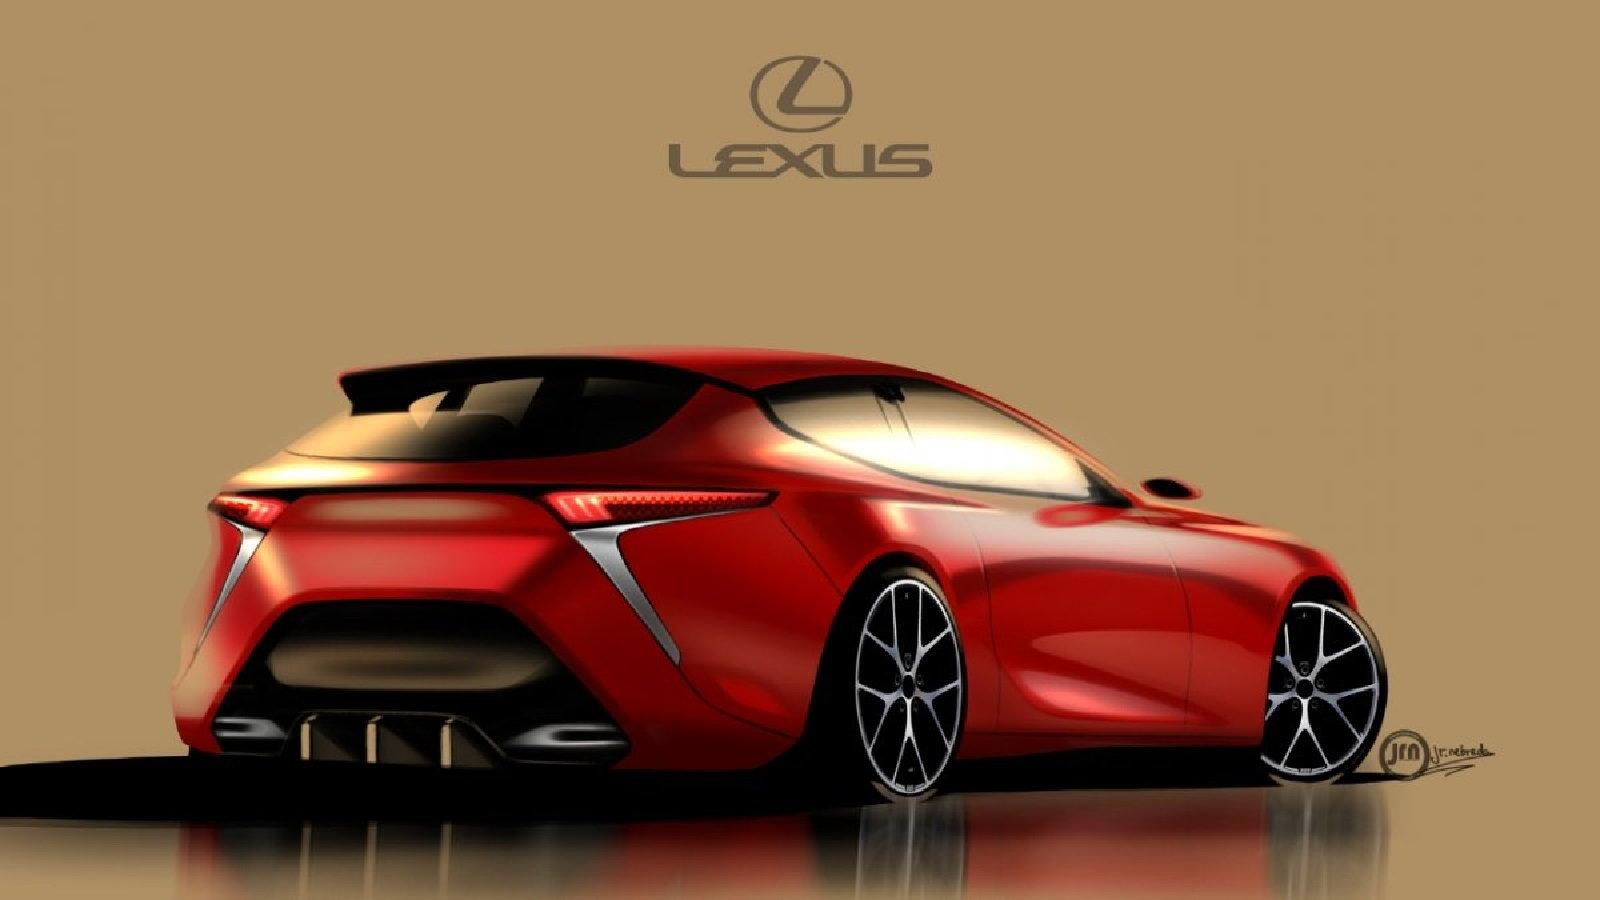 2021 Lexus CT 200h Price